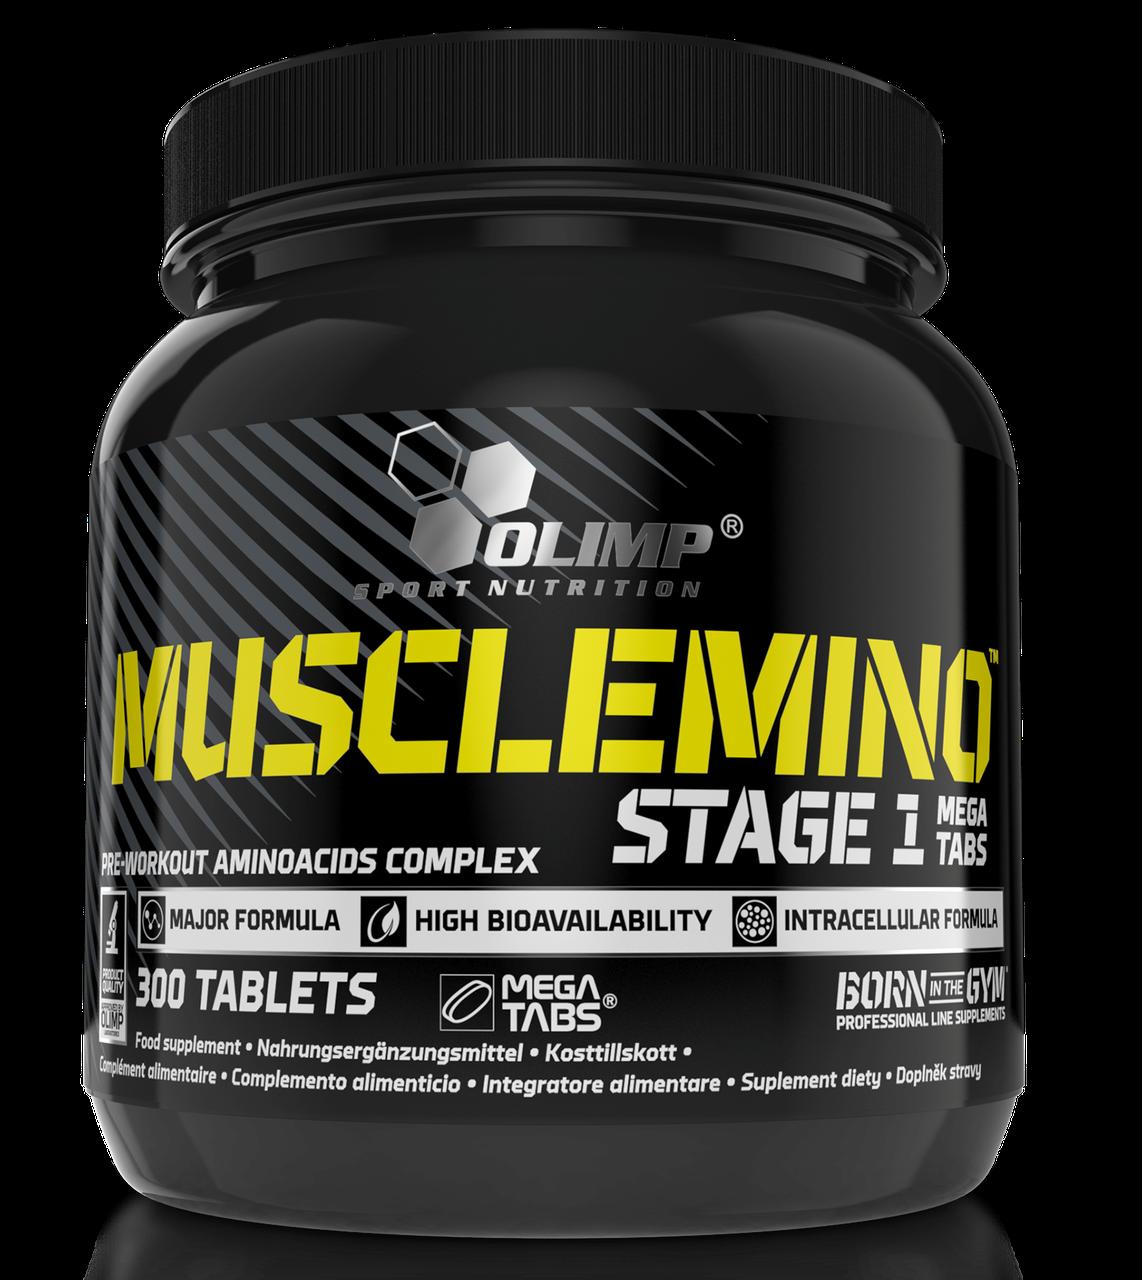 Аминокислоты Olimp Musclemino Stage 1 mega tabs 300 tab